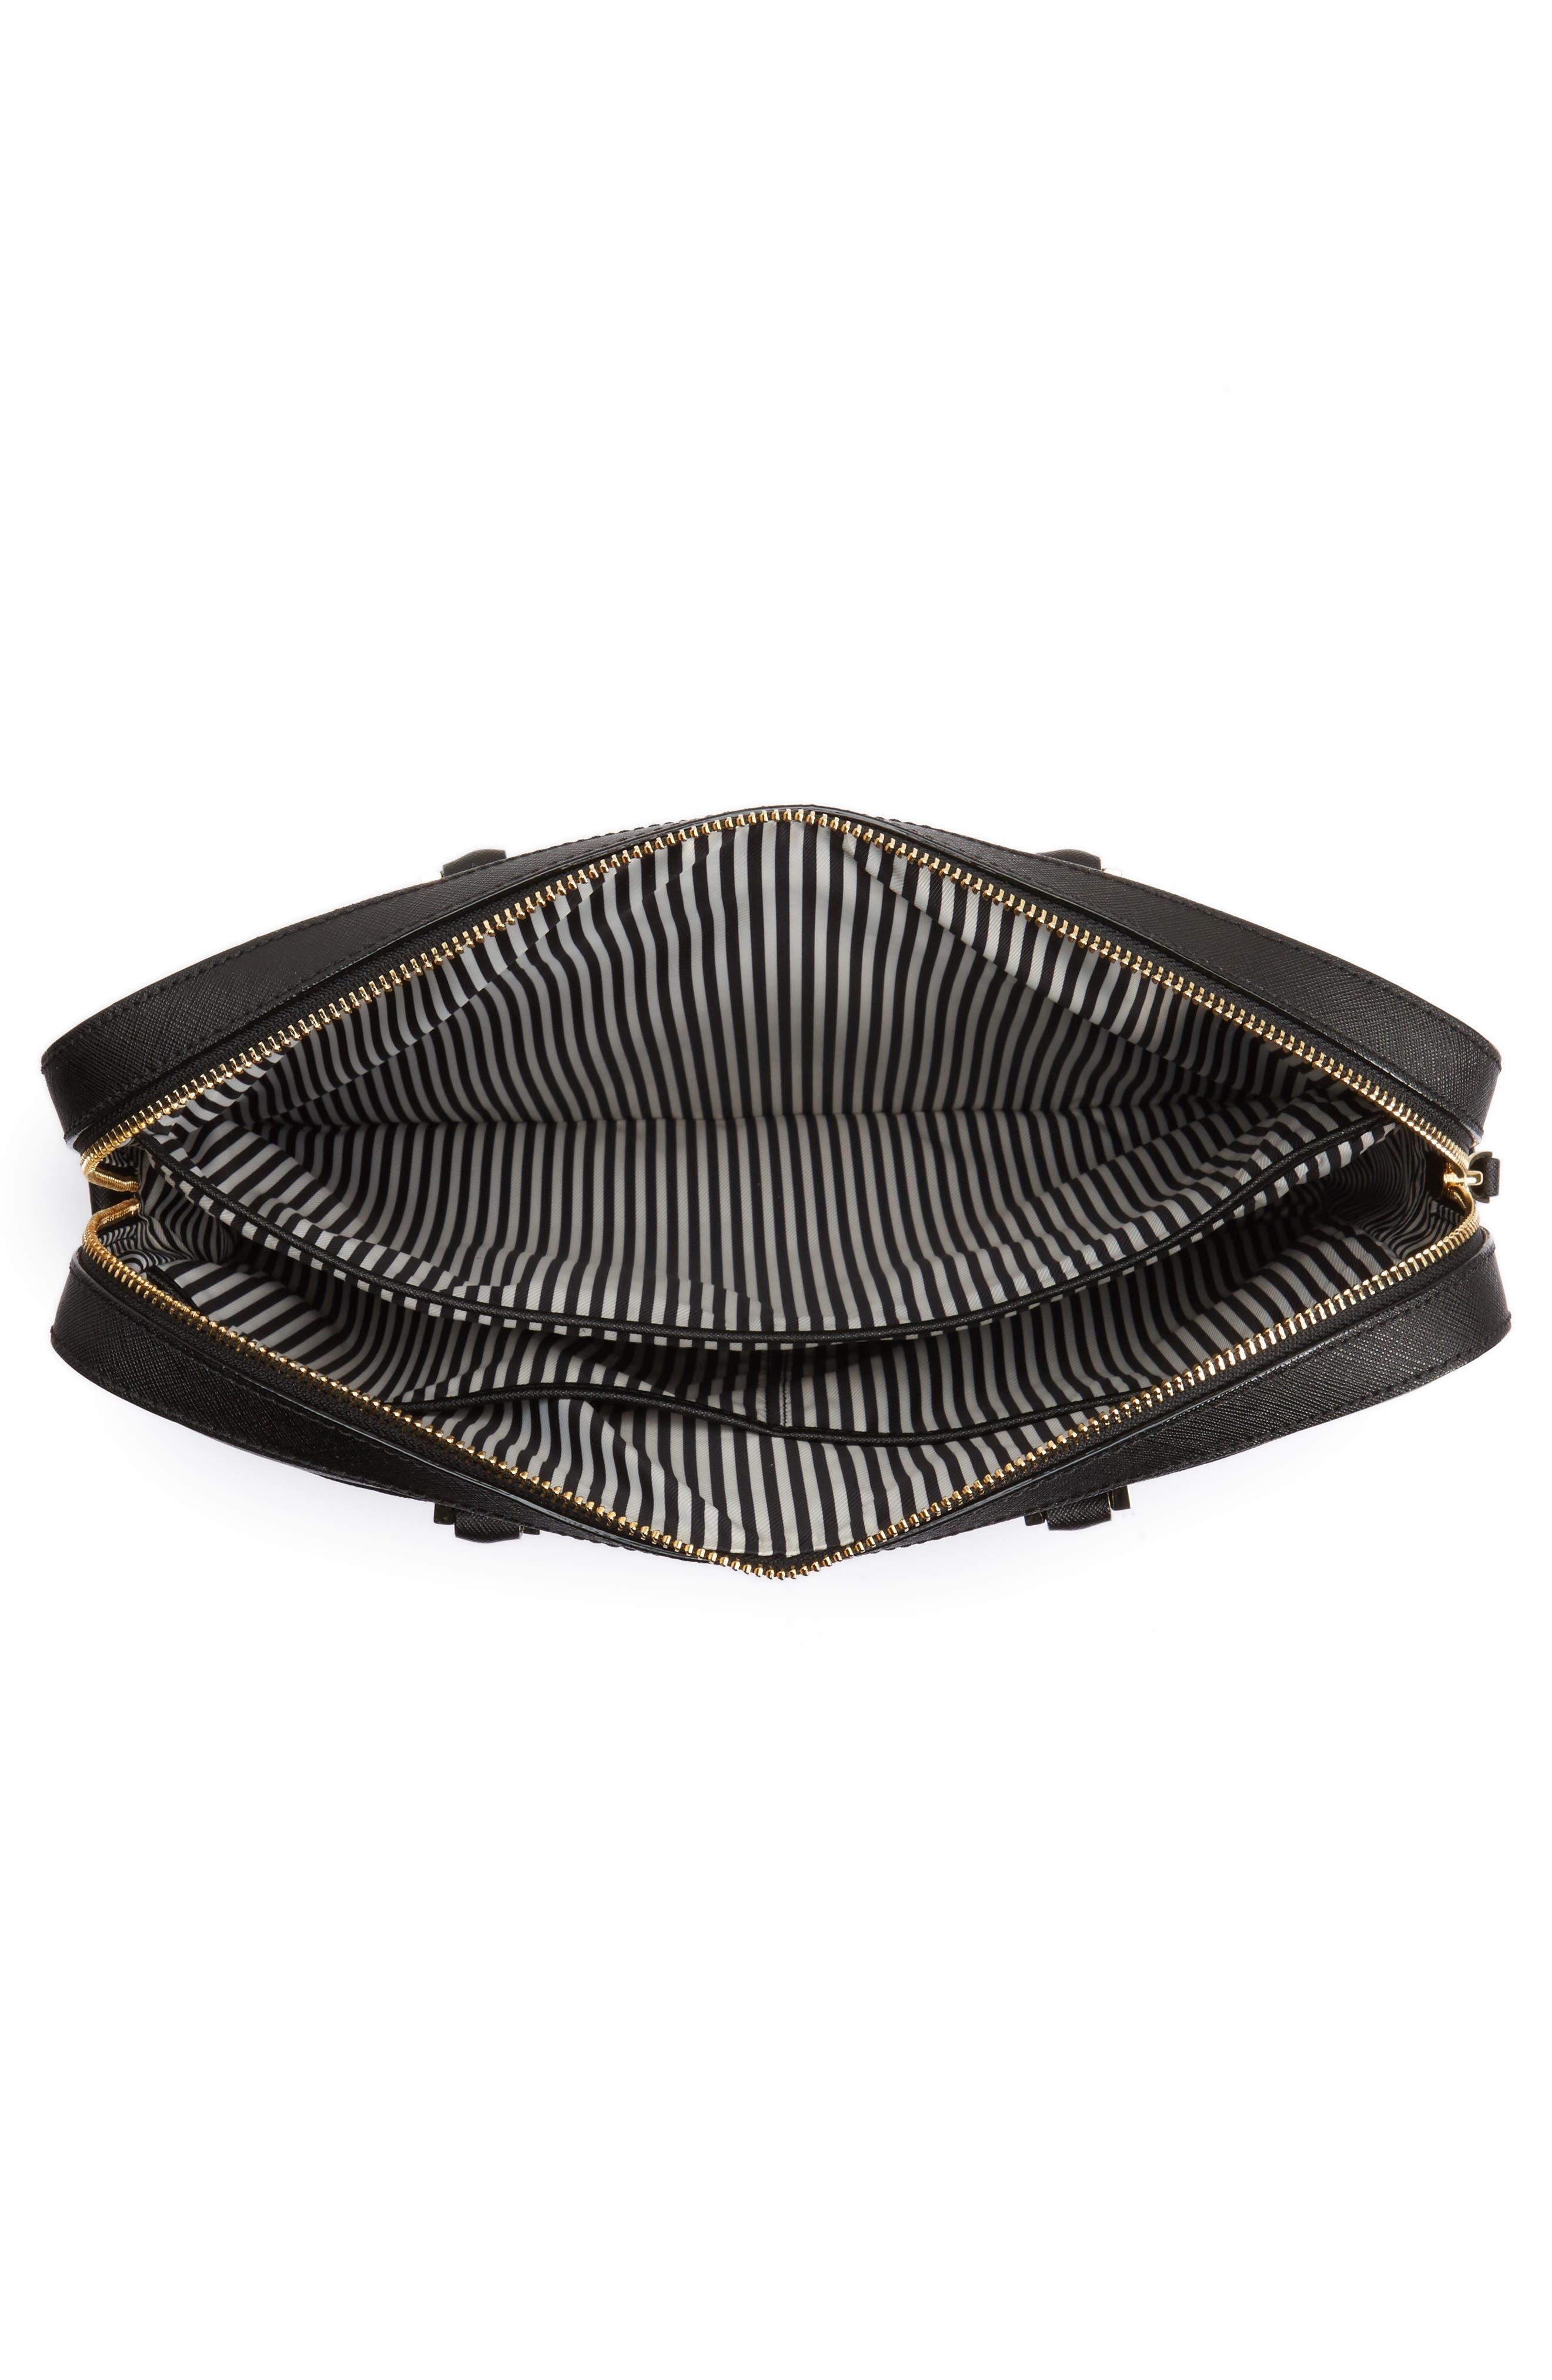 saffiano leather laptop bag,                             Alternate thumbnail 4, color,                             BLACK